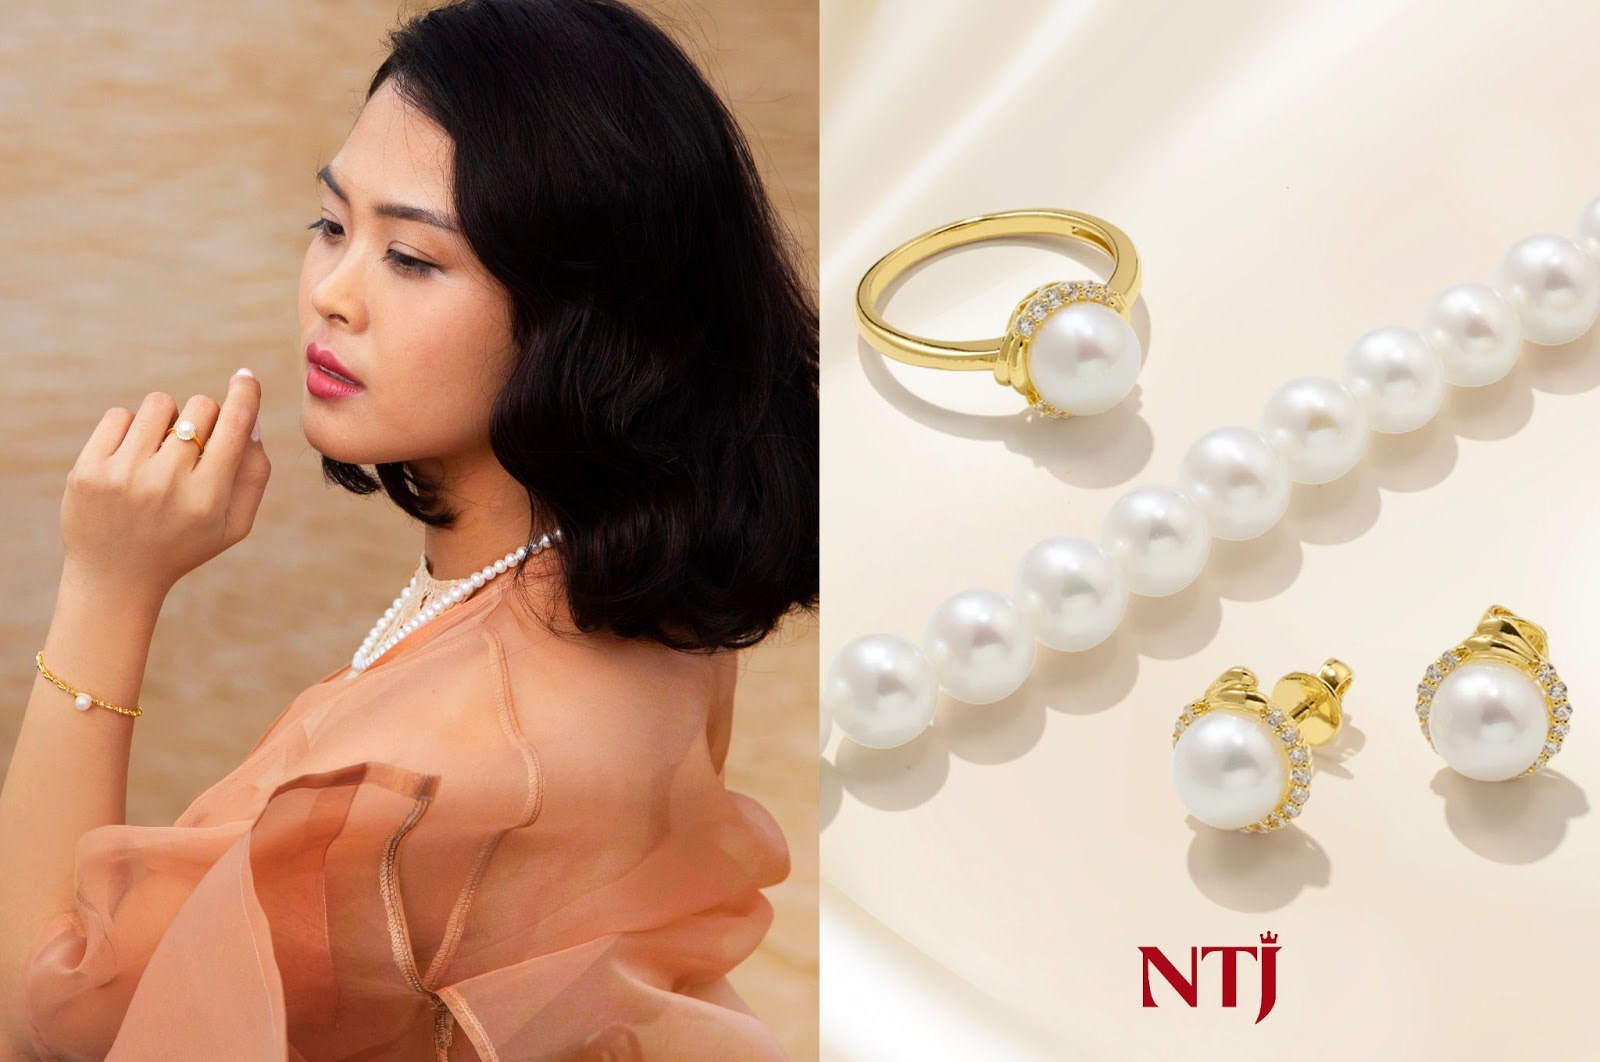 Ngọc Thẩm Jewelry trình làng phim thời trang đậm dấu ấn miền Tây Nam Bộ - Ảnh 7.